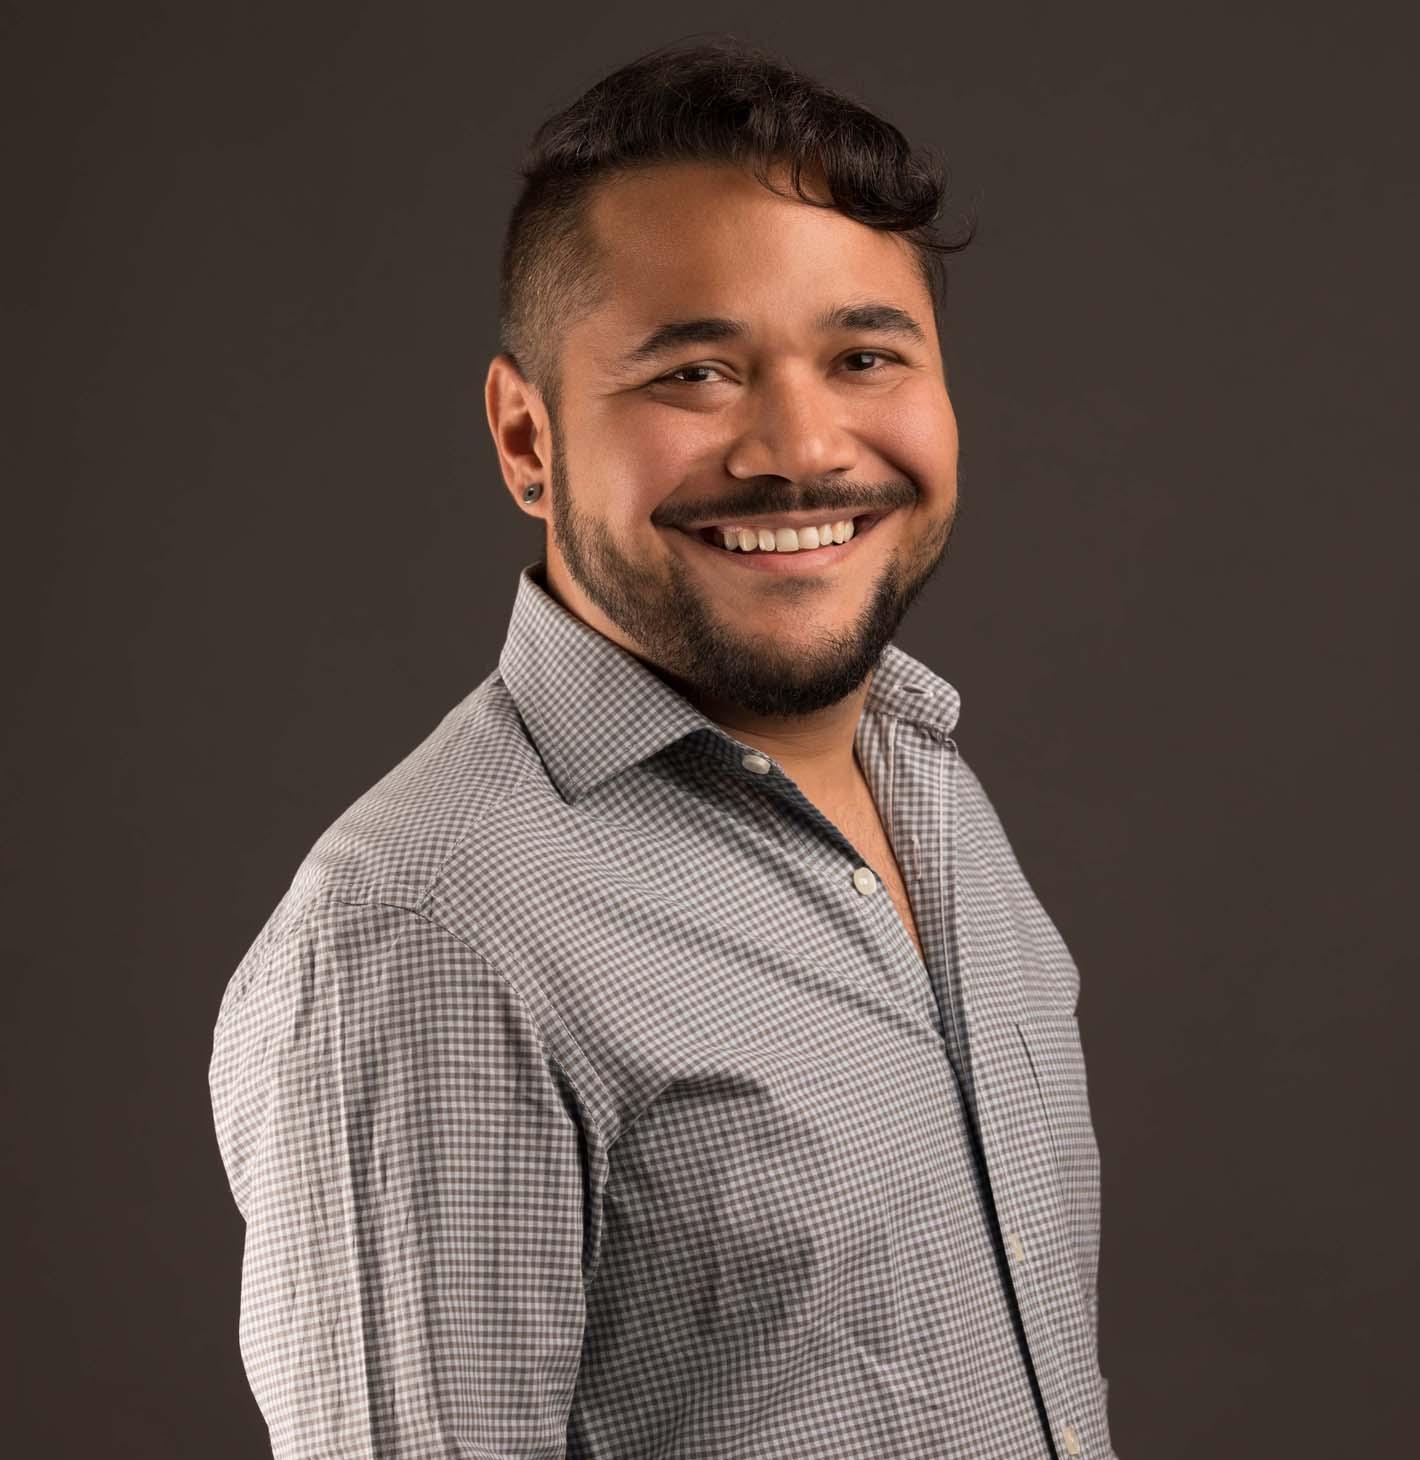 Carlos Espindola Encargado de Comunicación y Marketing de Promova